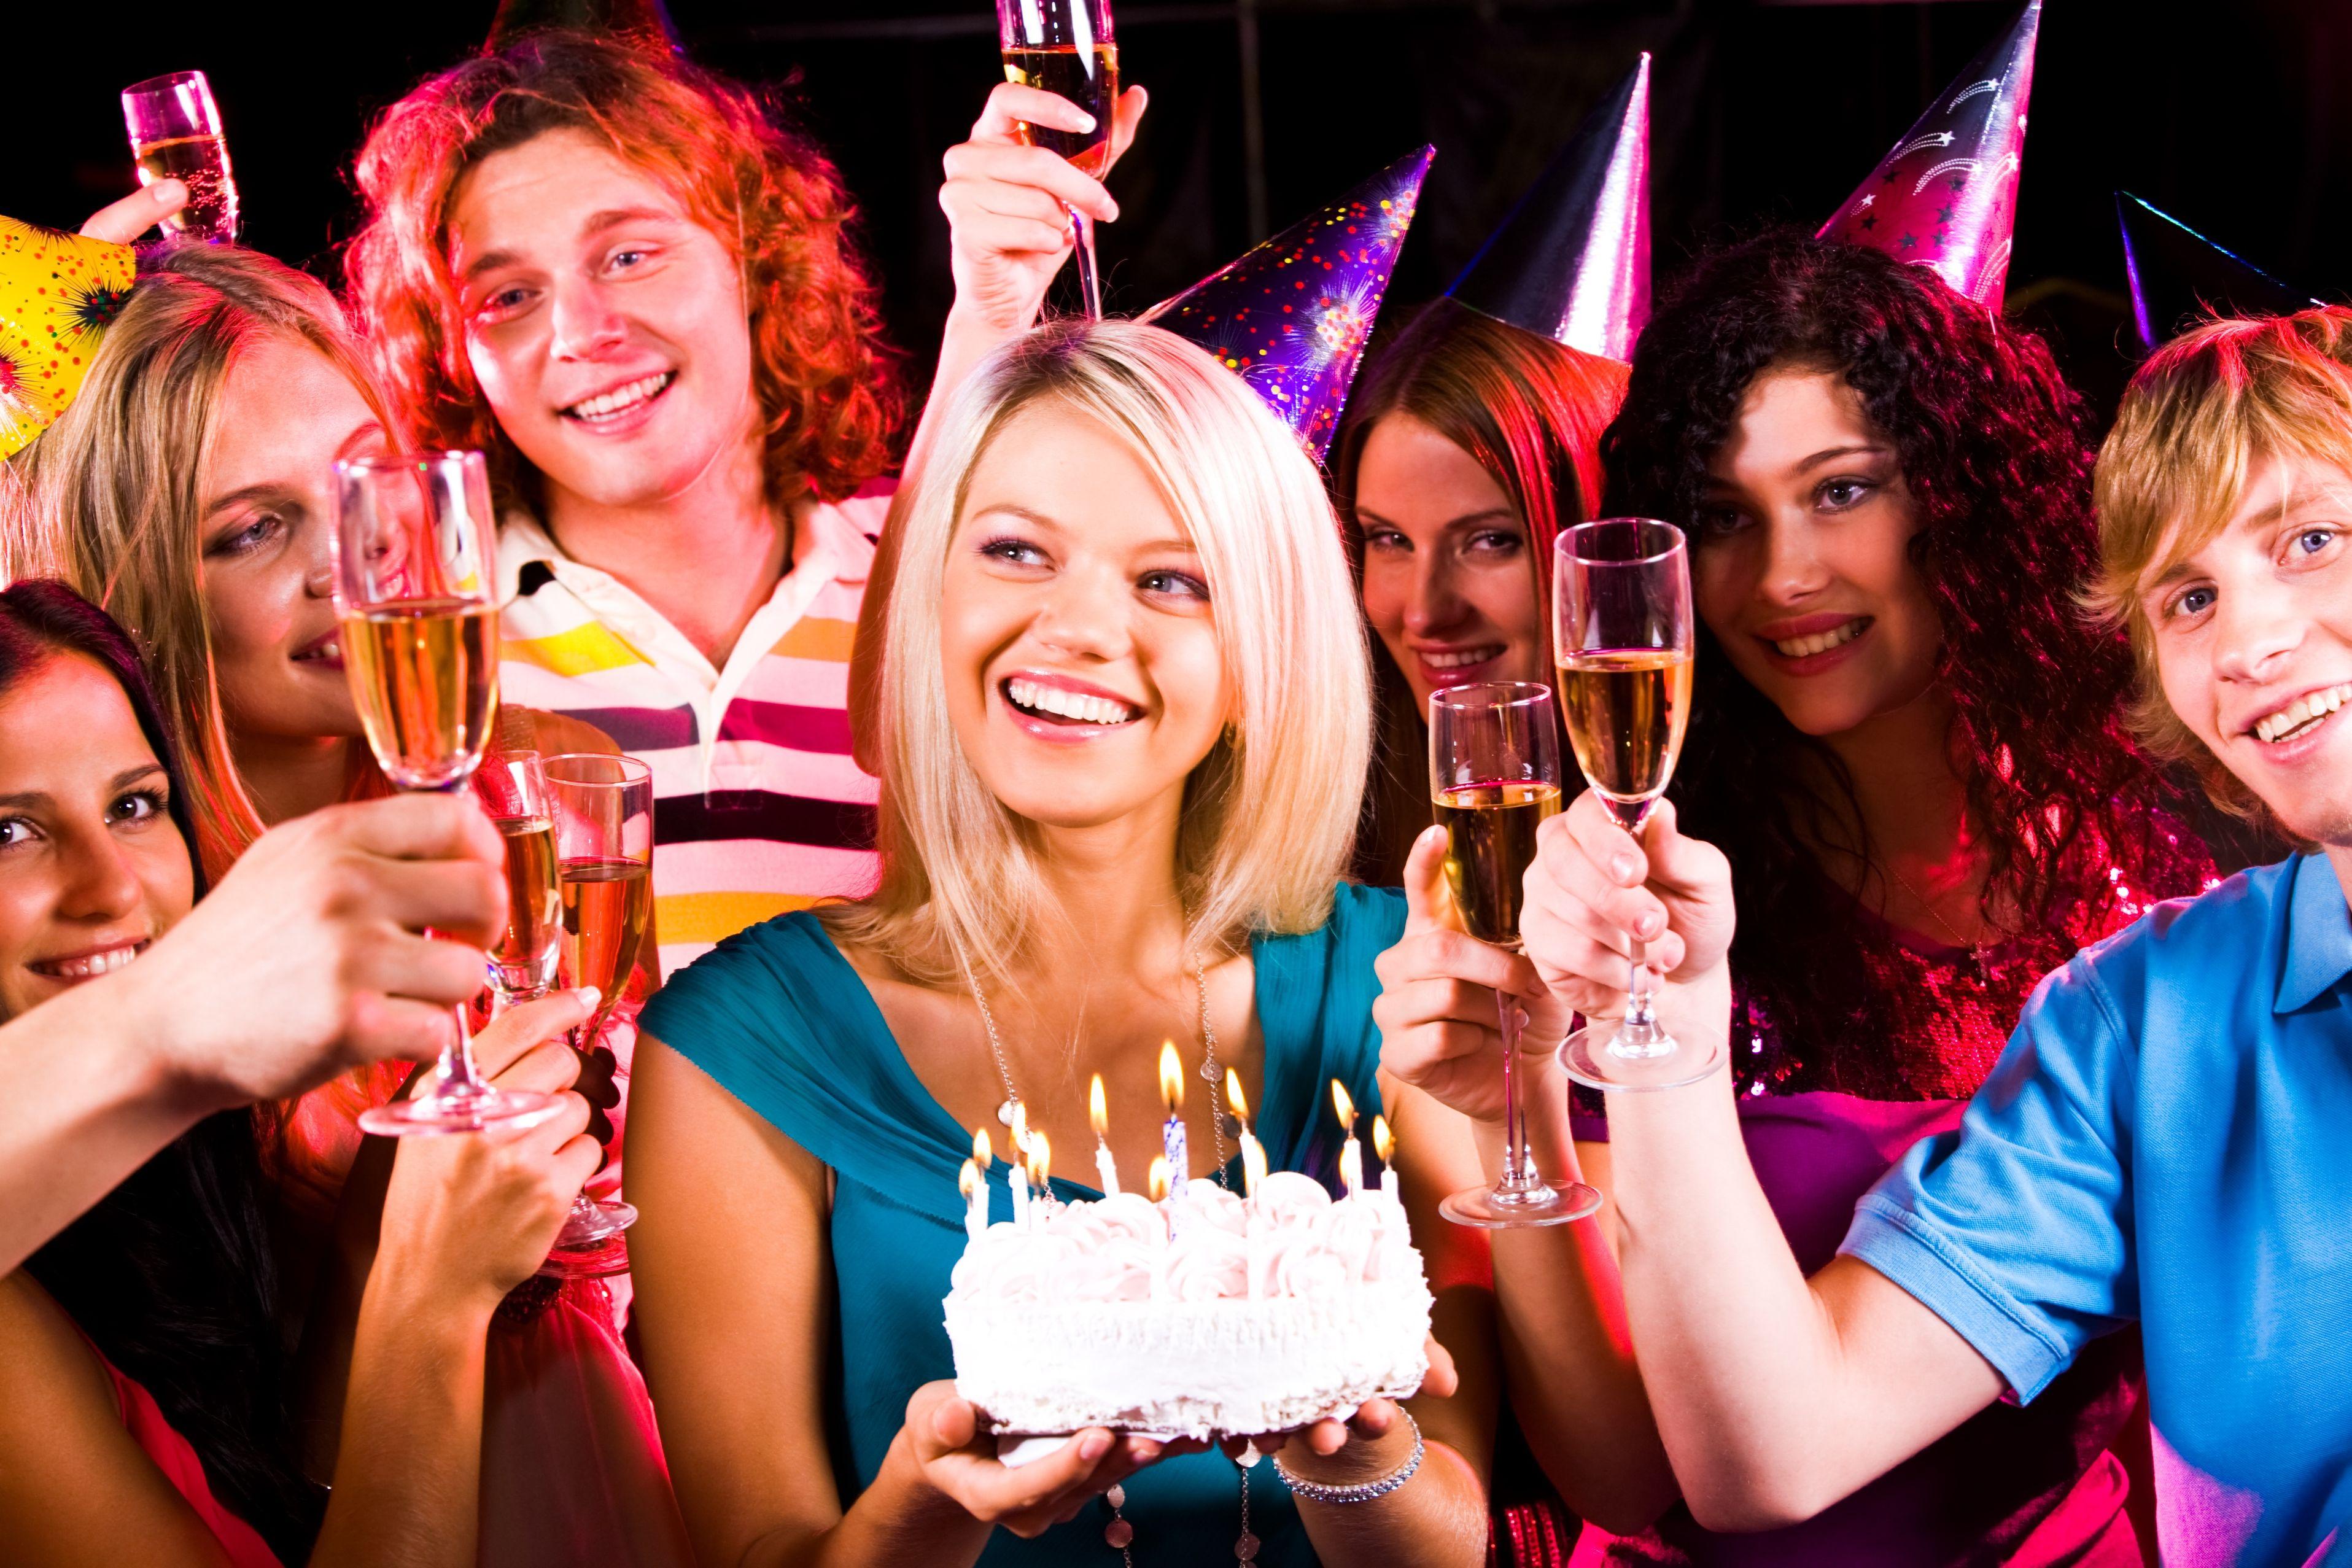 Конкурсы на день рождения девушки 25 лет за столом